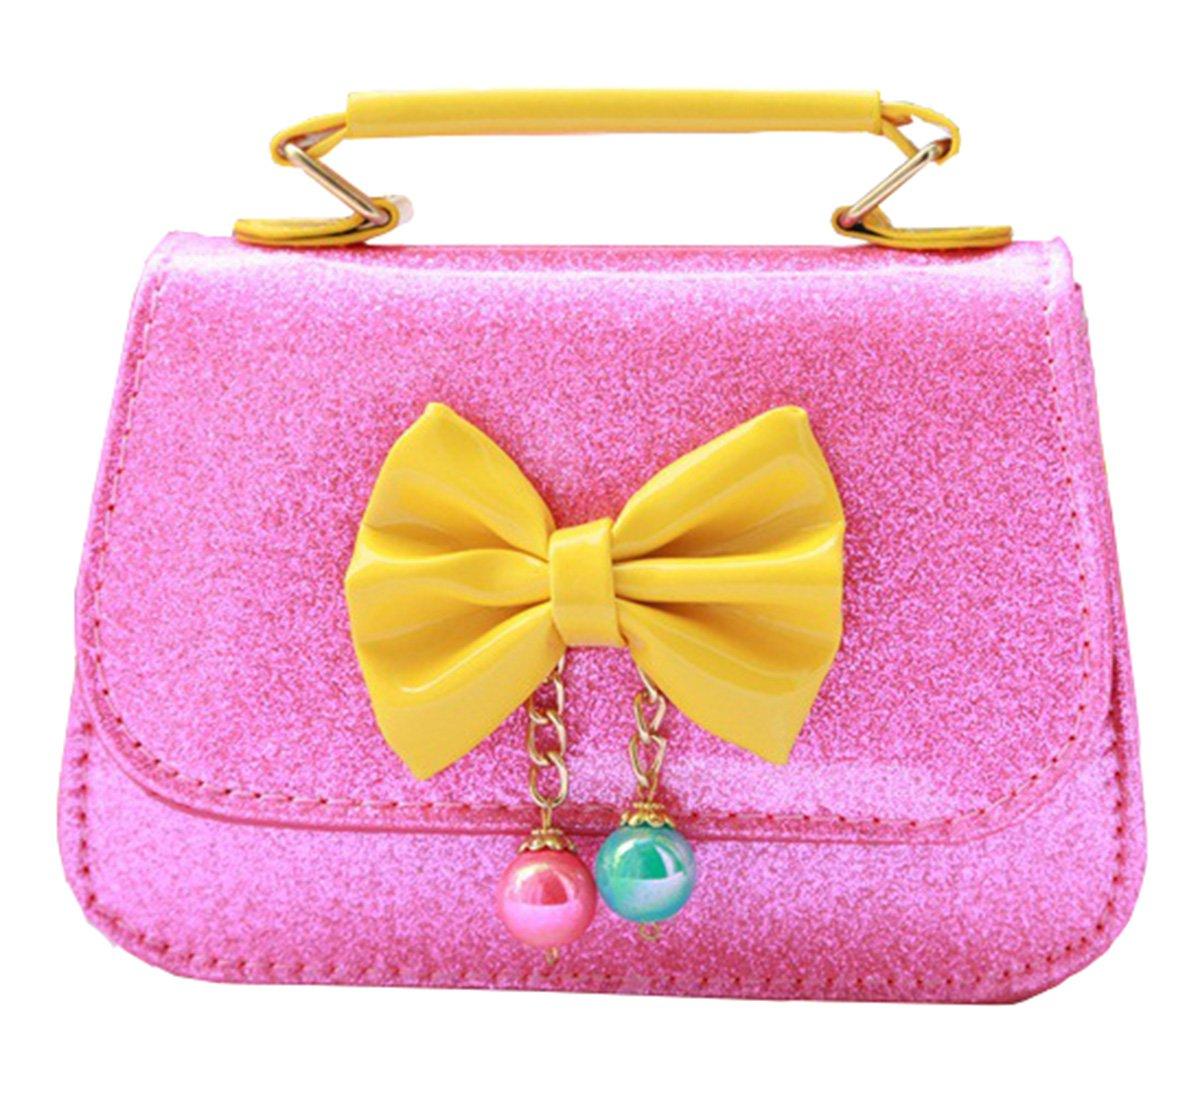 Happy Cherry Little Girls Kids Toddler Children Fashionable Handbag One- Shoulder Crossbody Shoulder Messenger Purse Bag Practical Satchel YOUHUI